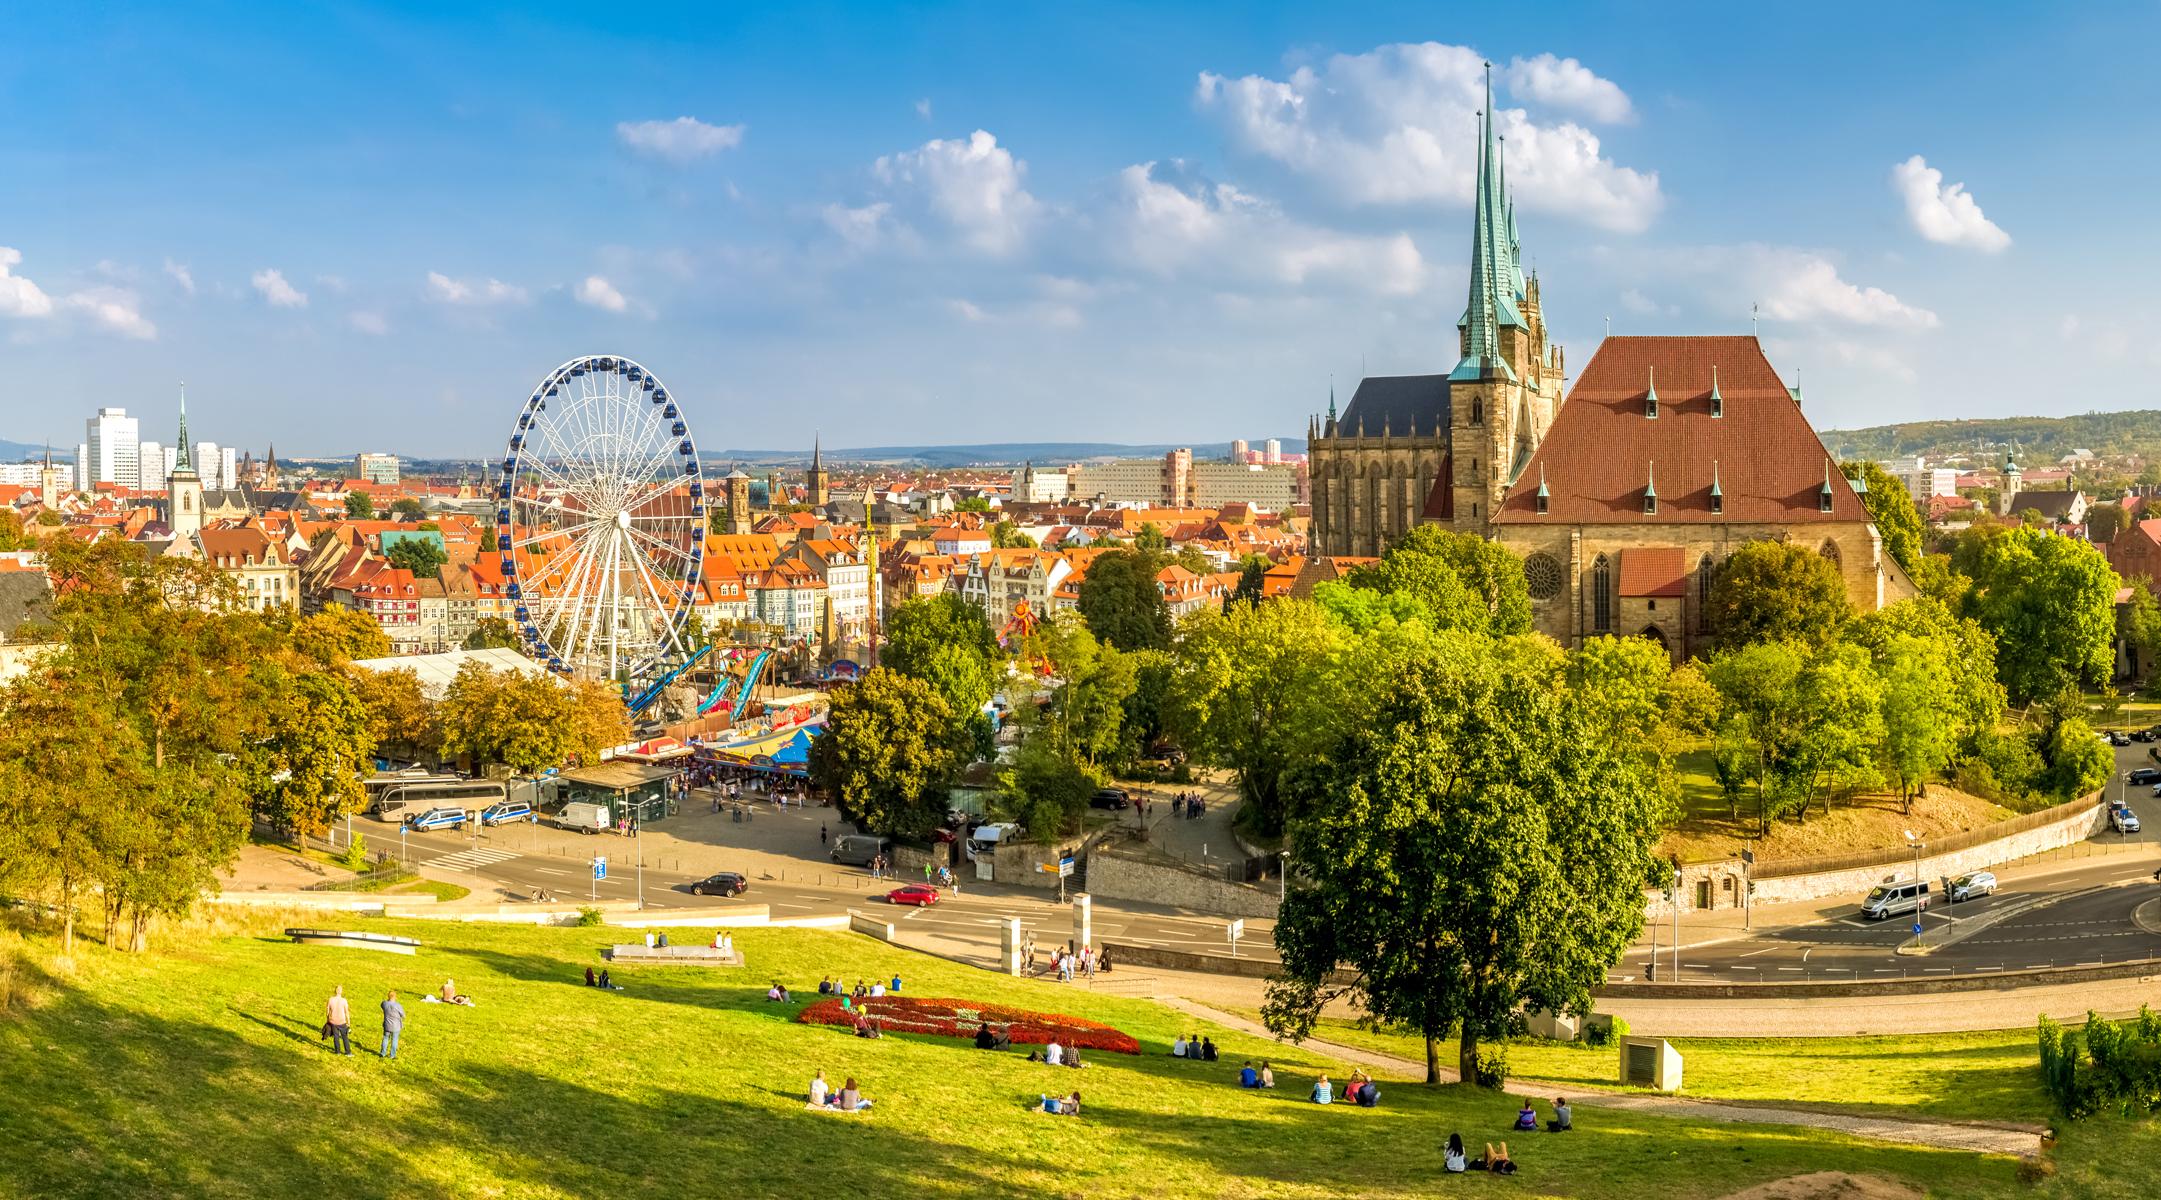 https://assets.eberhardt-travel.de/2020/Deutschland/86459_Erfurt_in_Thueringen_Original.jpg